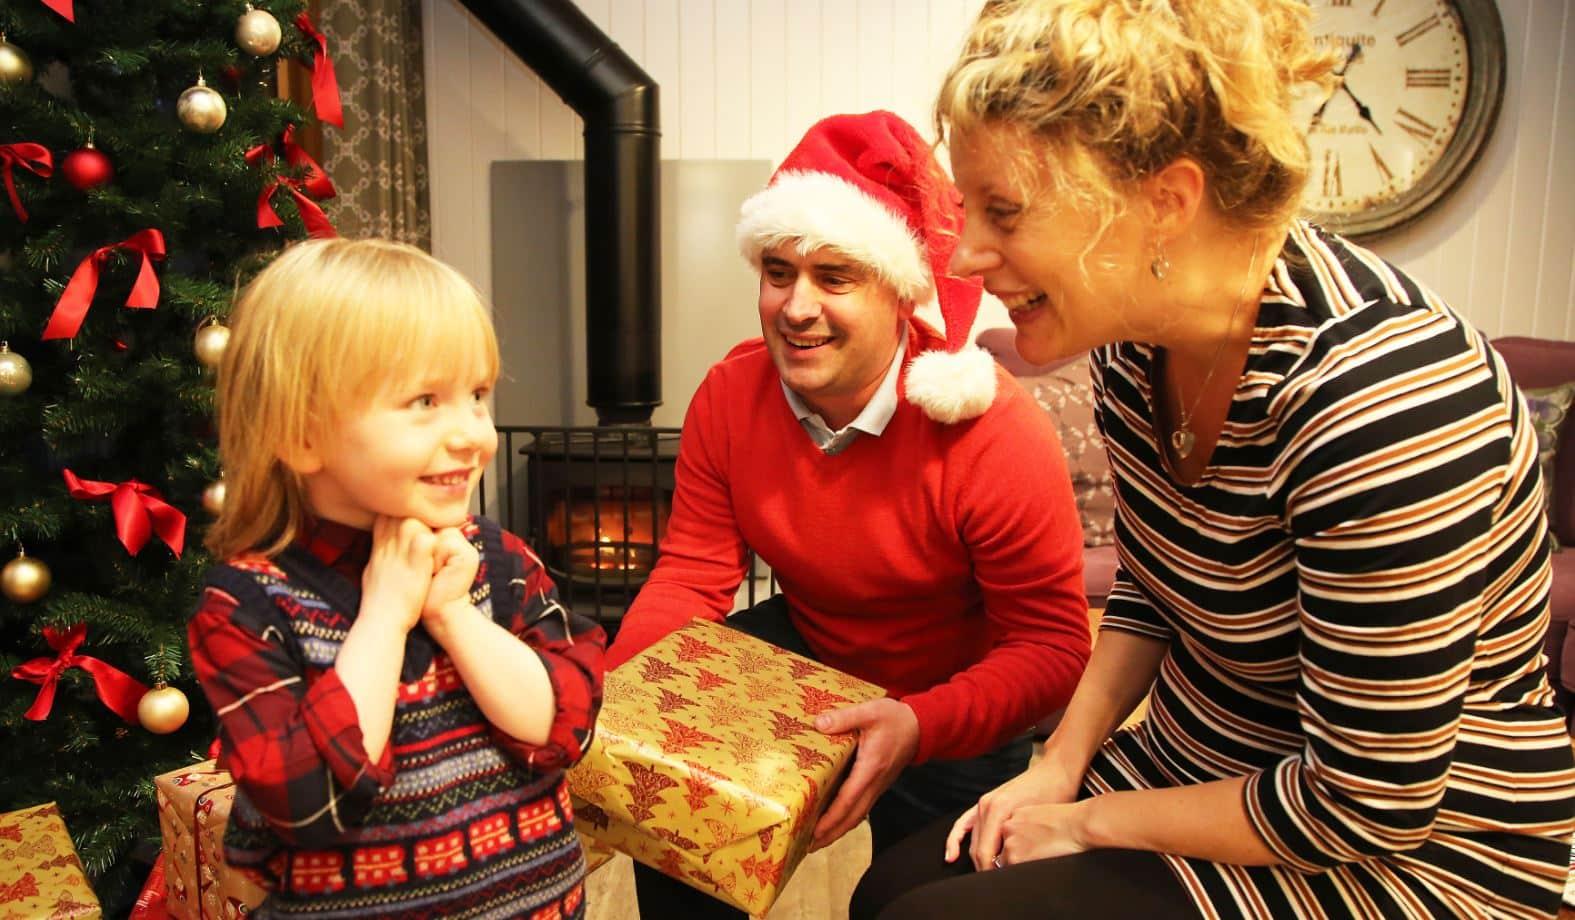 Magical Christmas family breaks at Burnbake Forest Lodges in Dorset